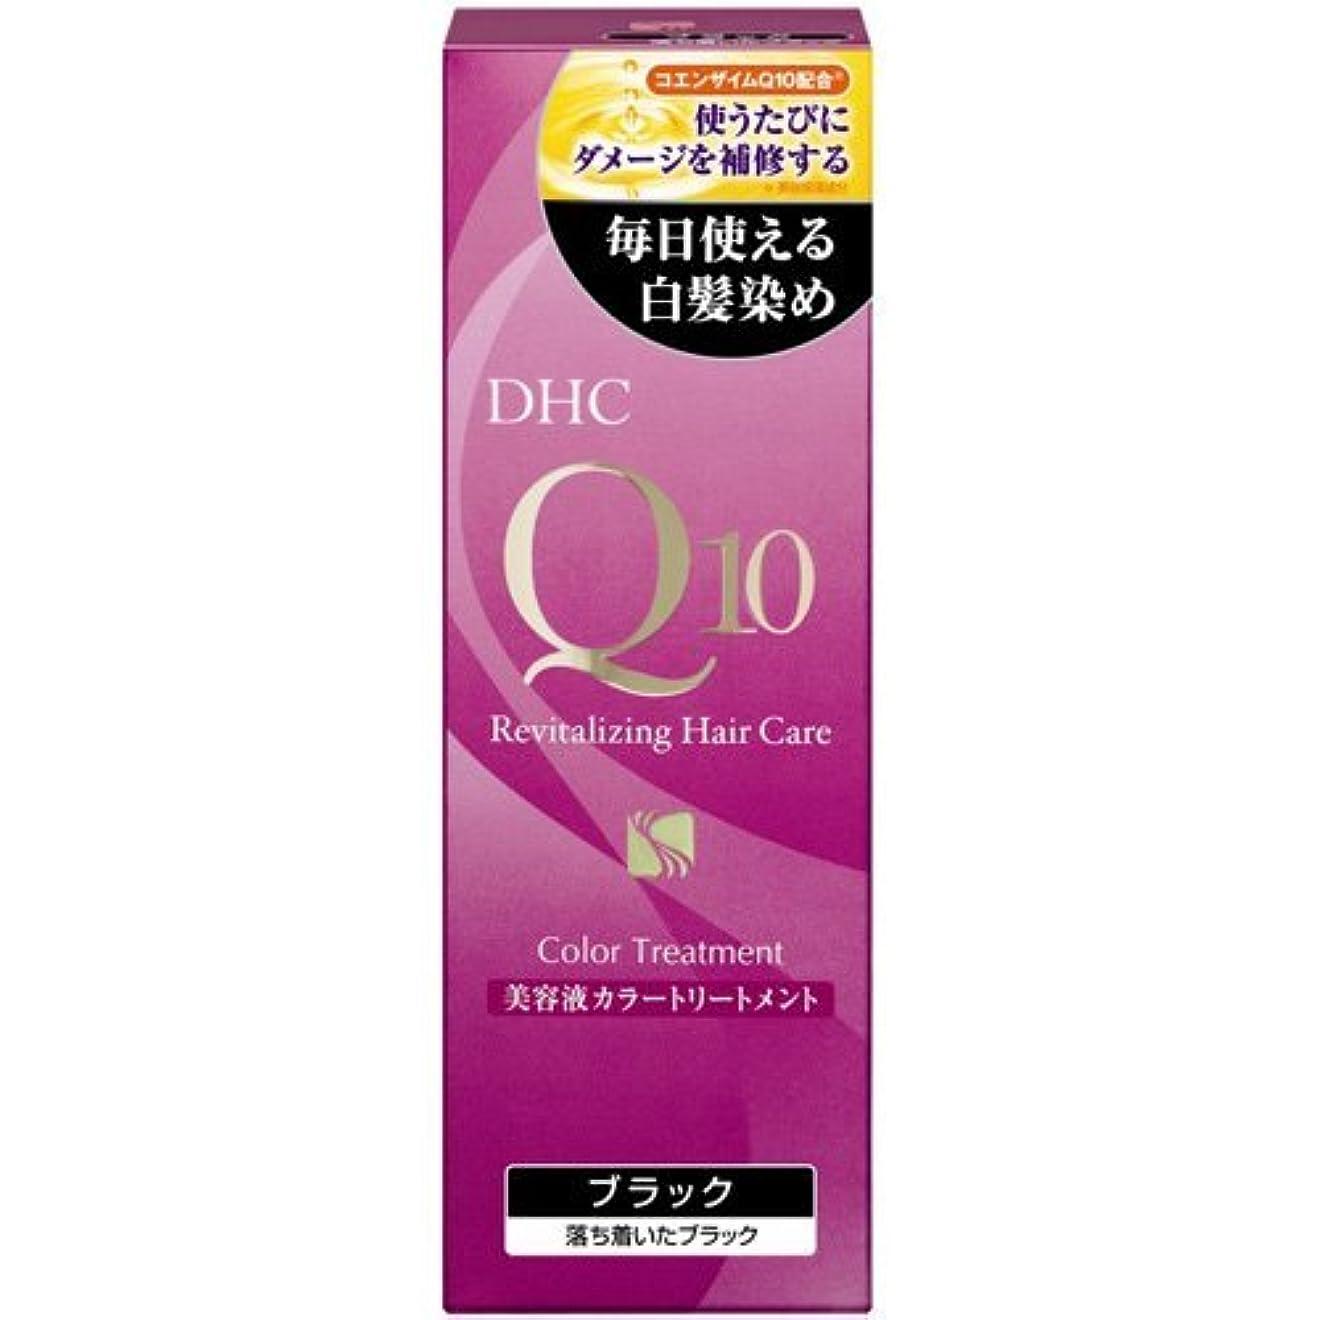 証拠グラフアナロジー【まとめ買い】DHC Q10美溶液カラートリートメントブラックSS170g ×7個